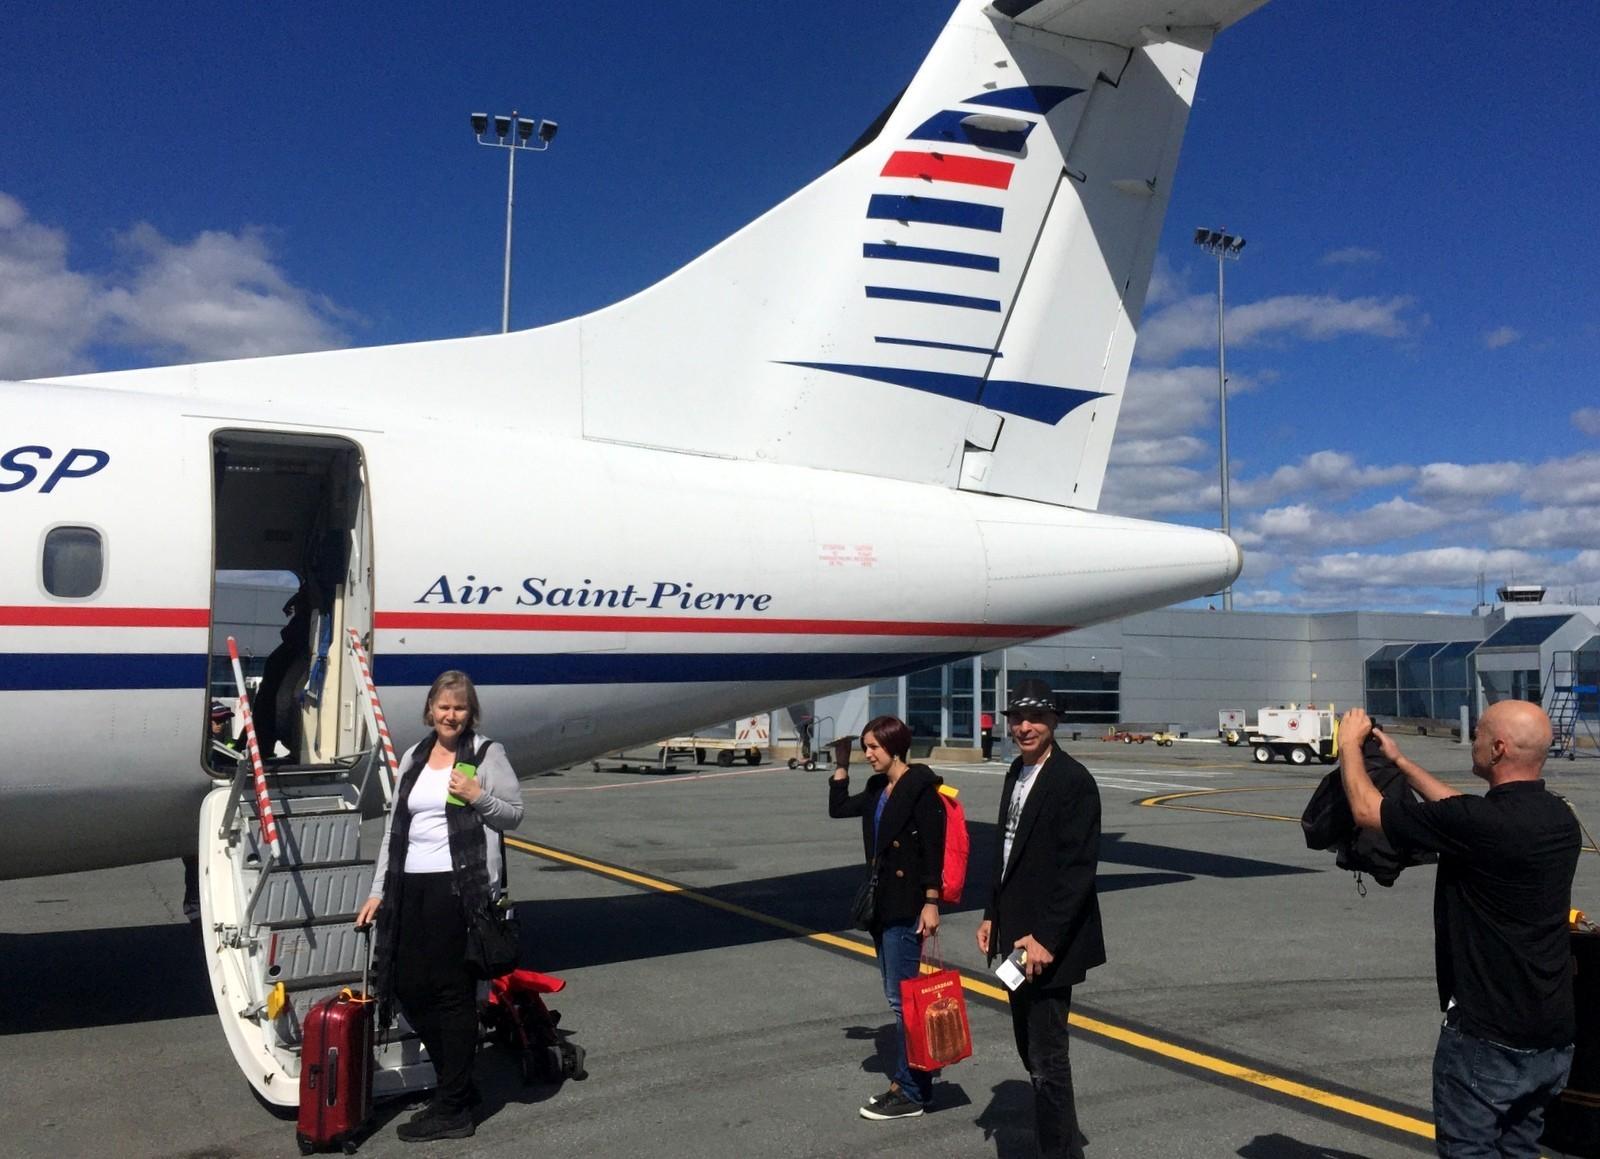 Air Saint-Pierre